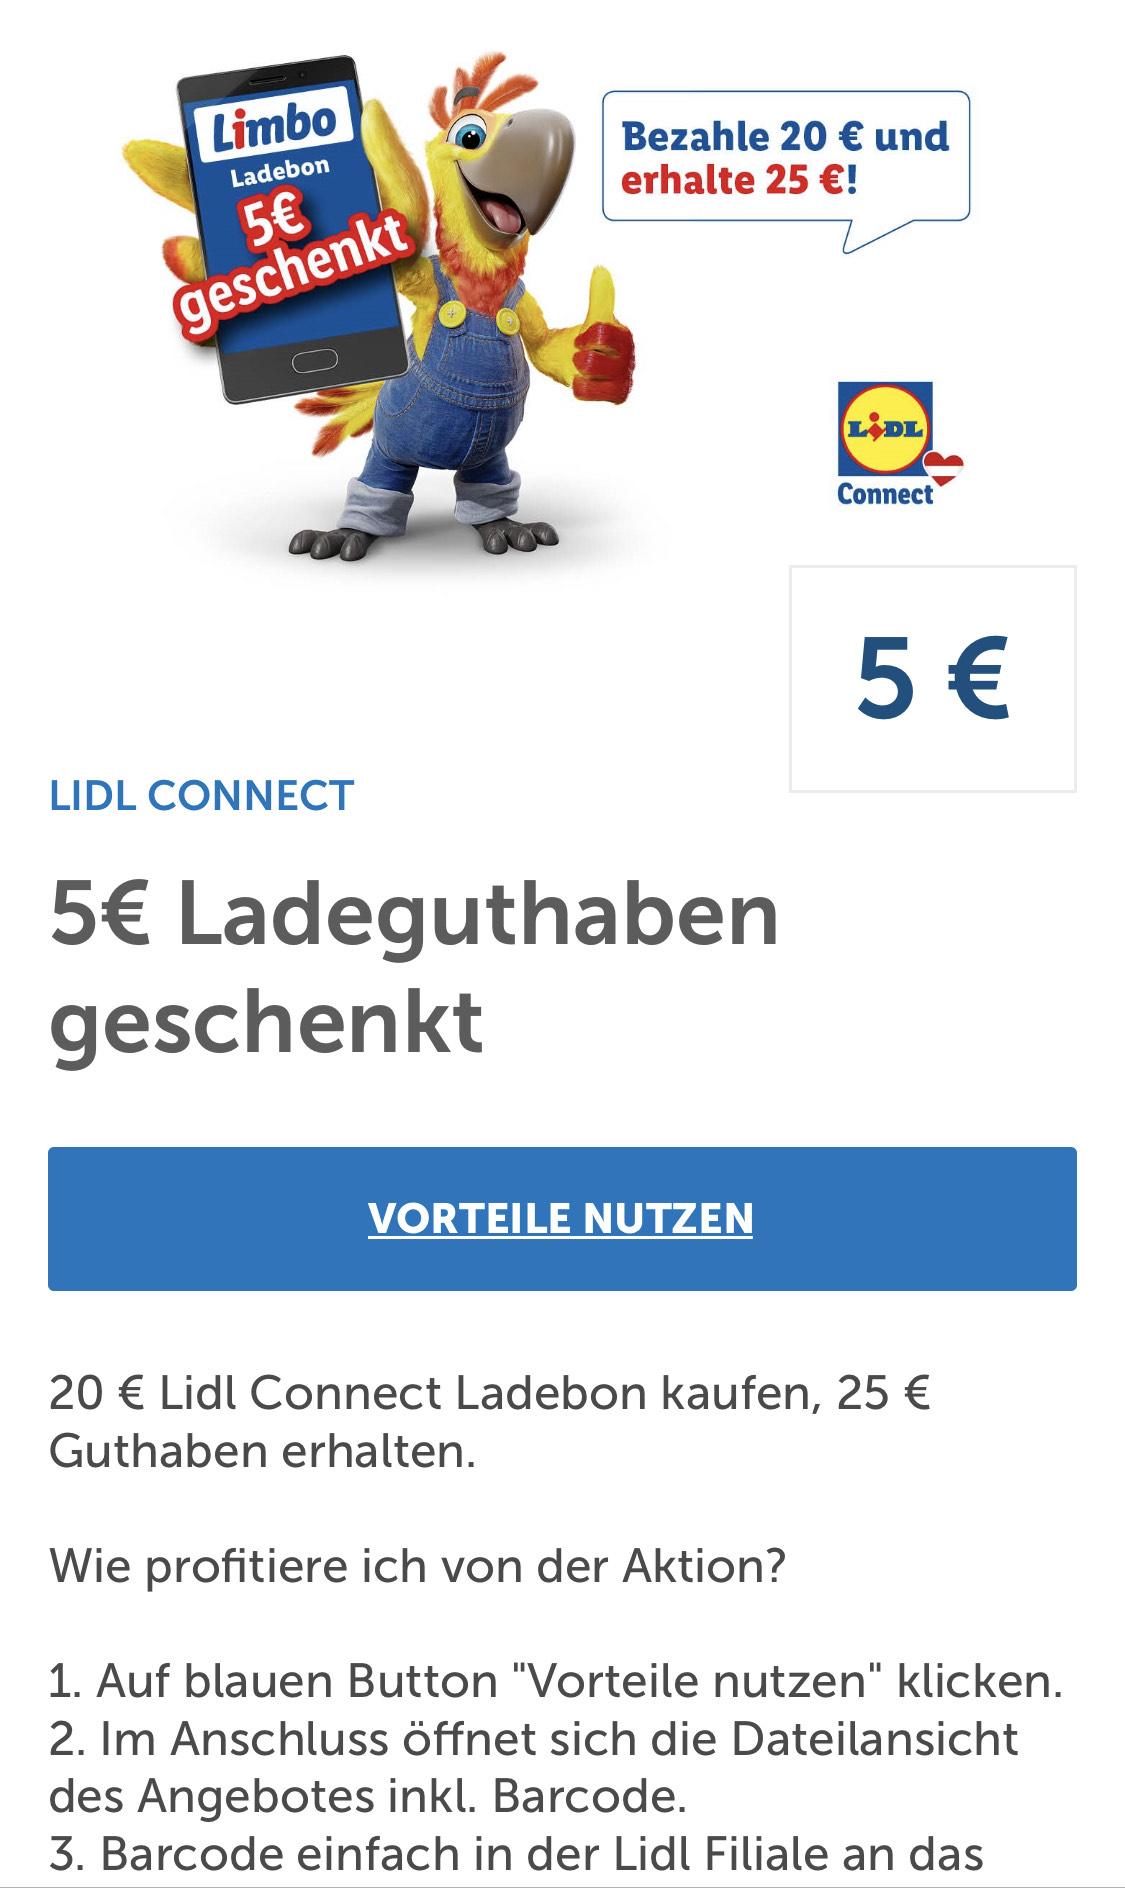 Lidl Connect 25,-€ Ladeguthaben für 20,- €